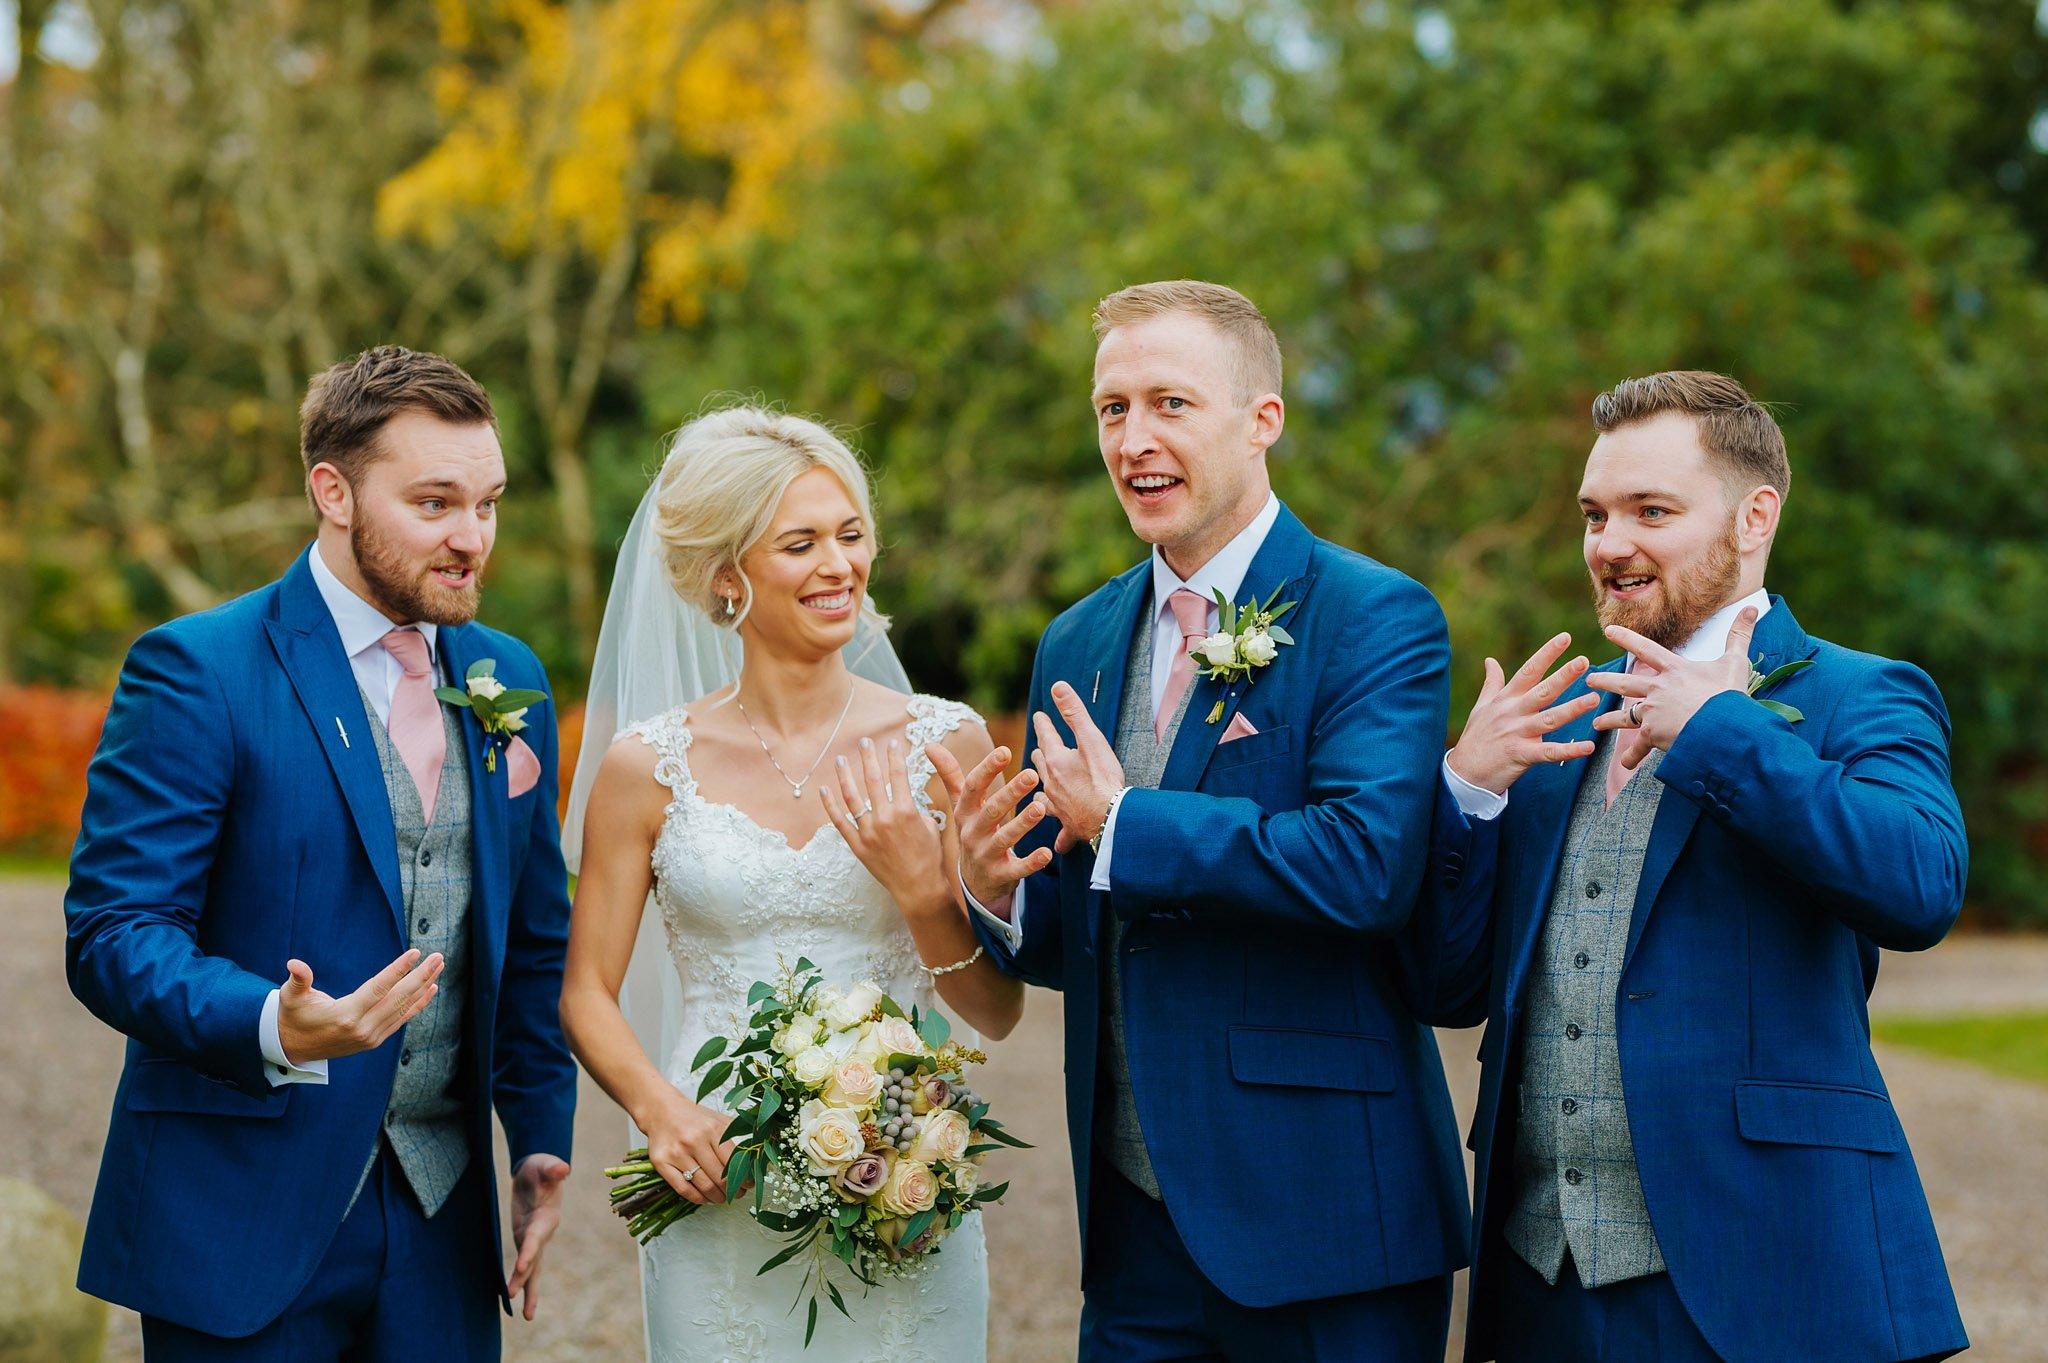 Lemore Manor wedding, Herefordshire - West Midlands | Sadie + Ken 55